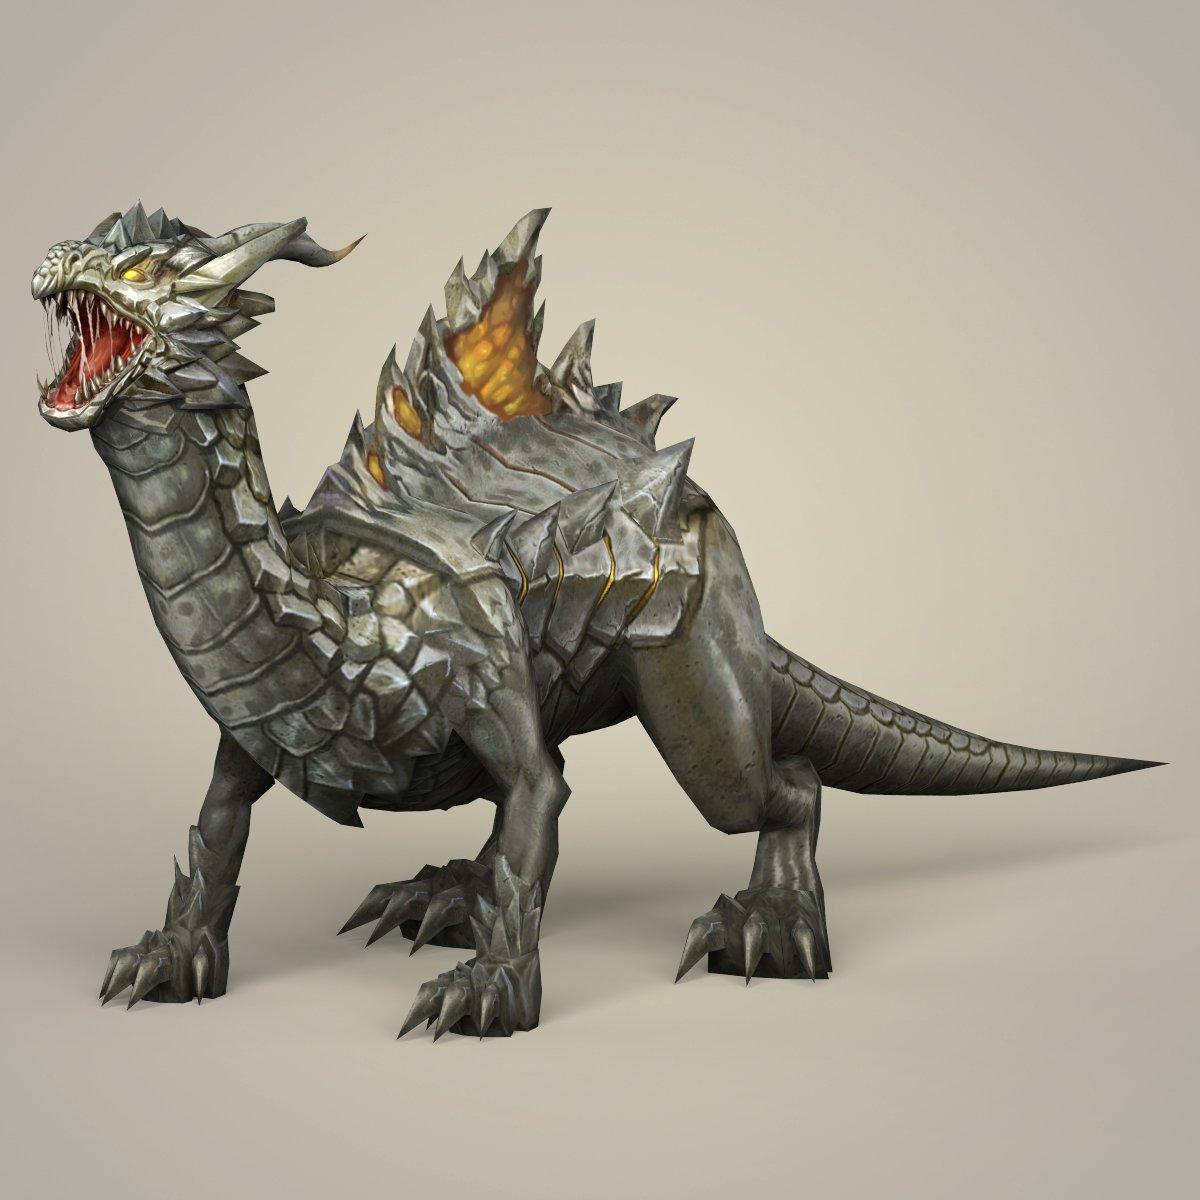 Ảnh rồng 3D tuyệt đẹp